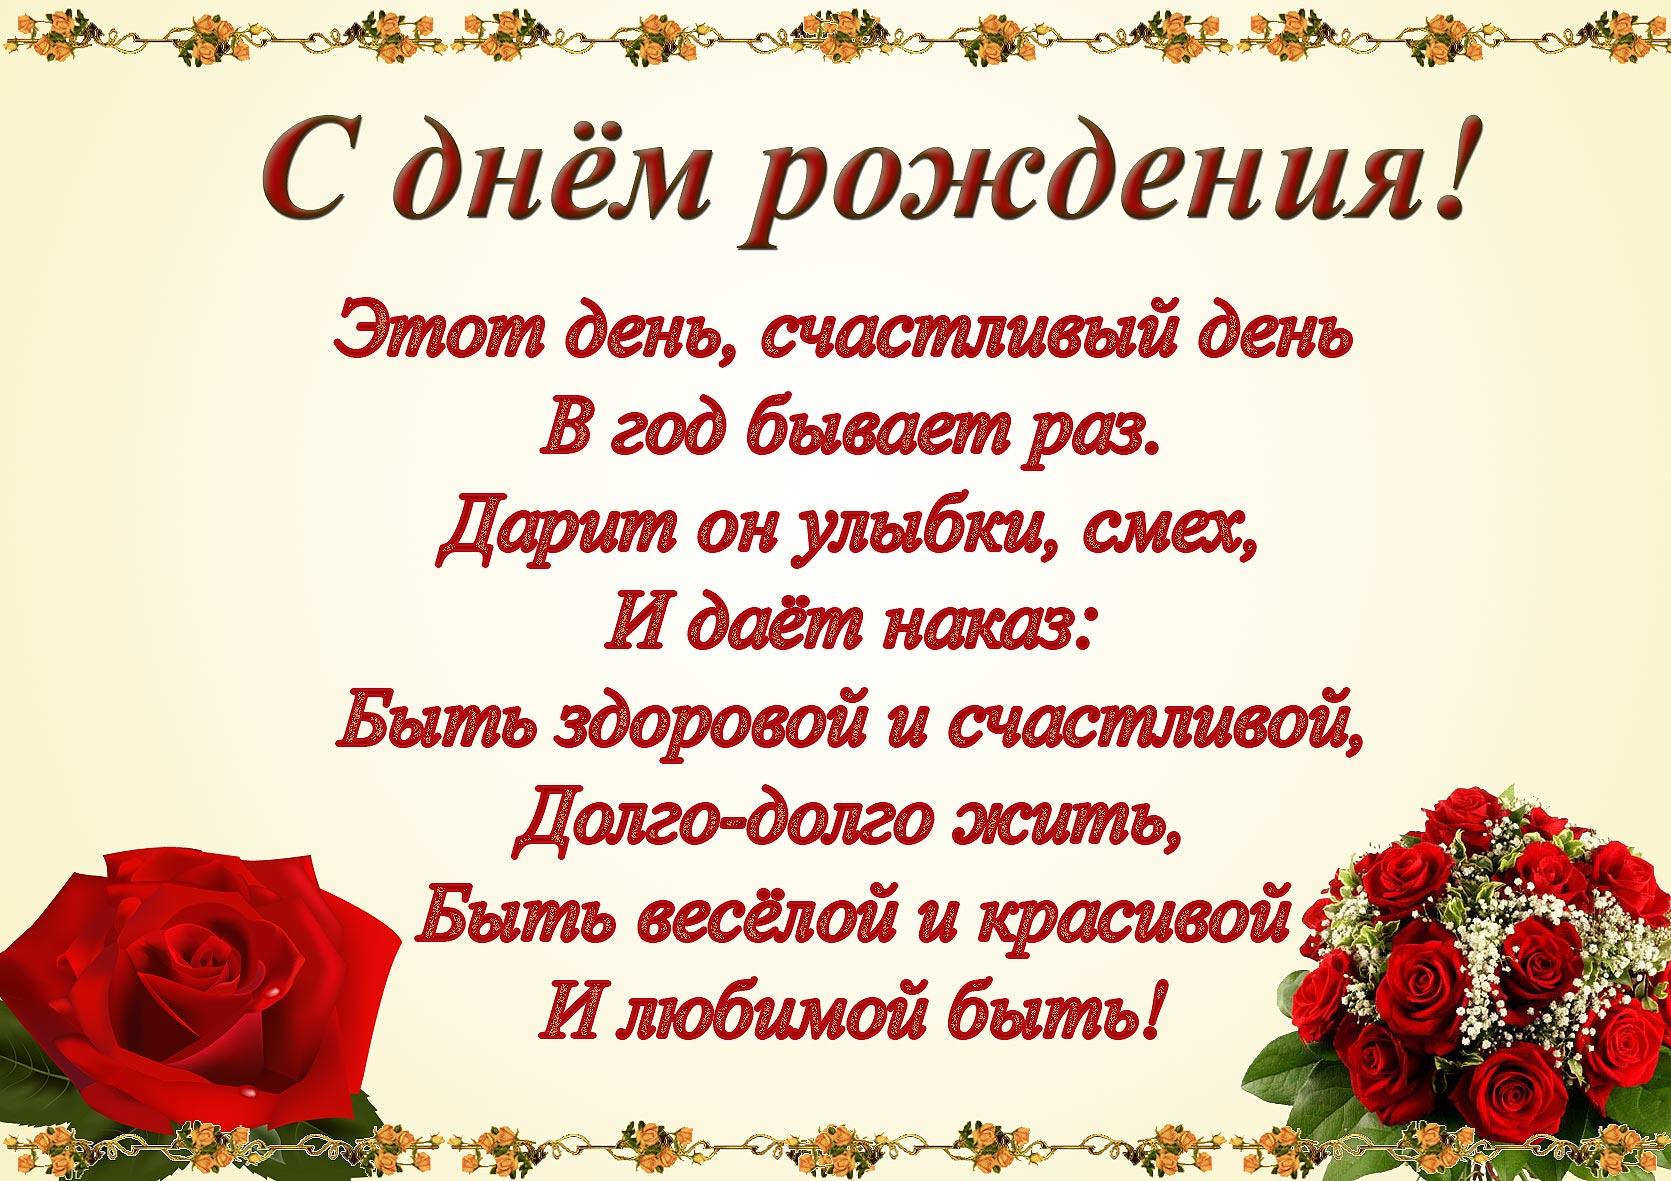 Поздравления с днем рождения в стихах красивые для людмилы с днем рождения фото 867